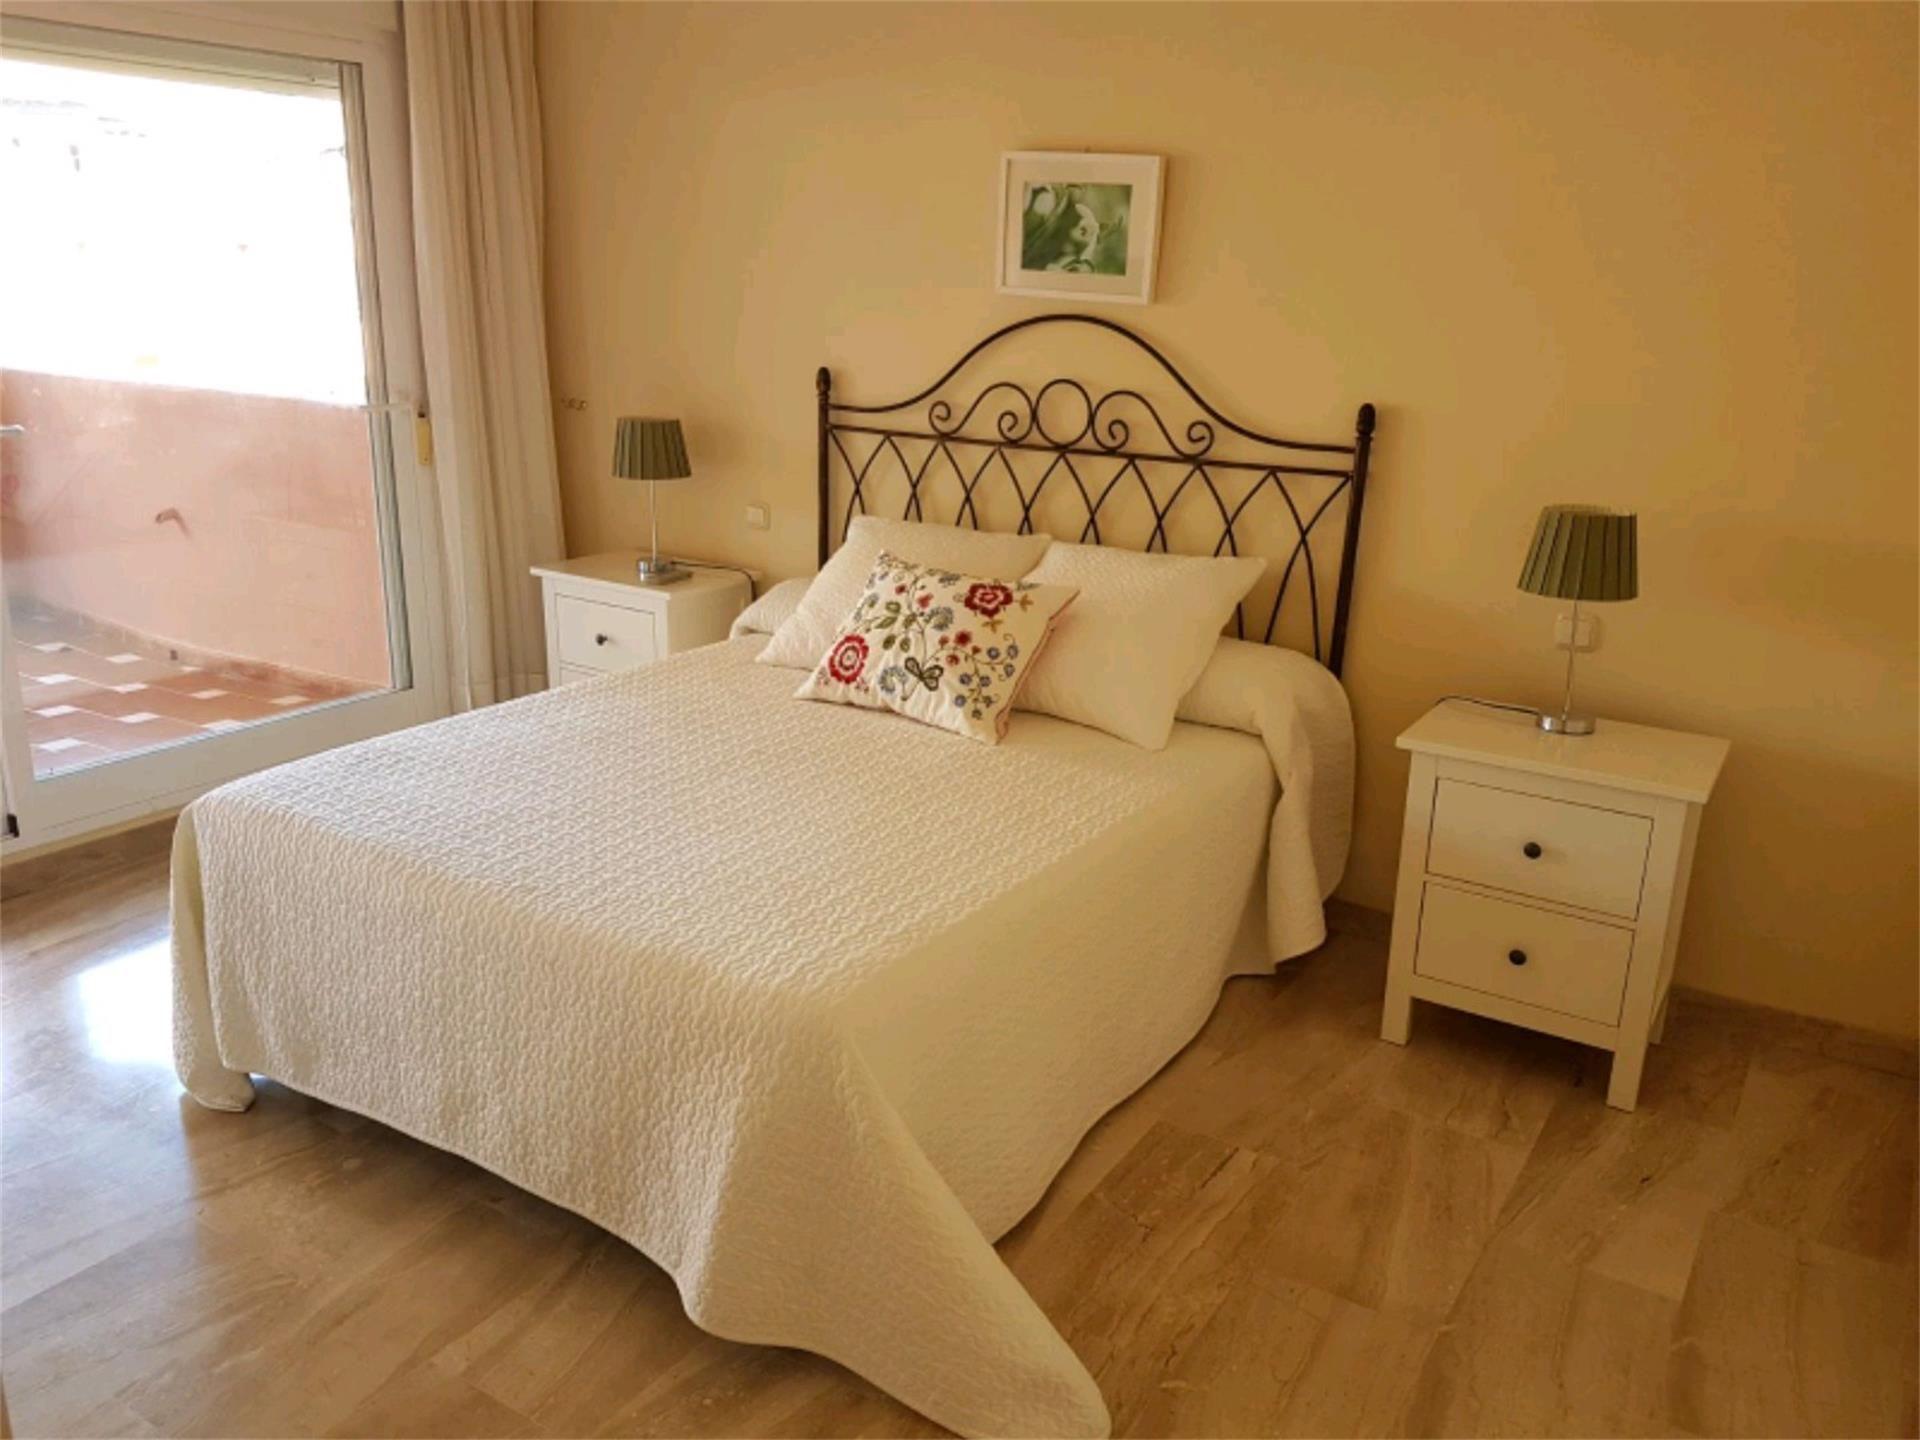 Ático de alquiler en Avenida de Los Andaluces, 60, Paraíso - Atalaya- Benamara (El Paraíso, Málaga)